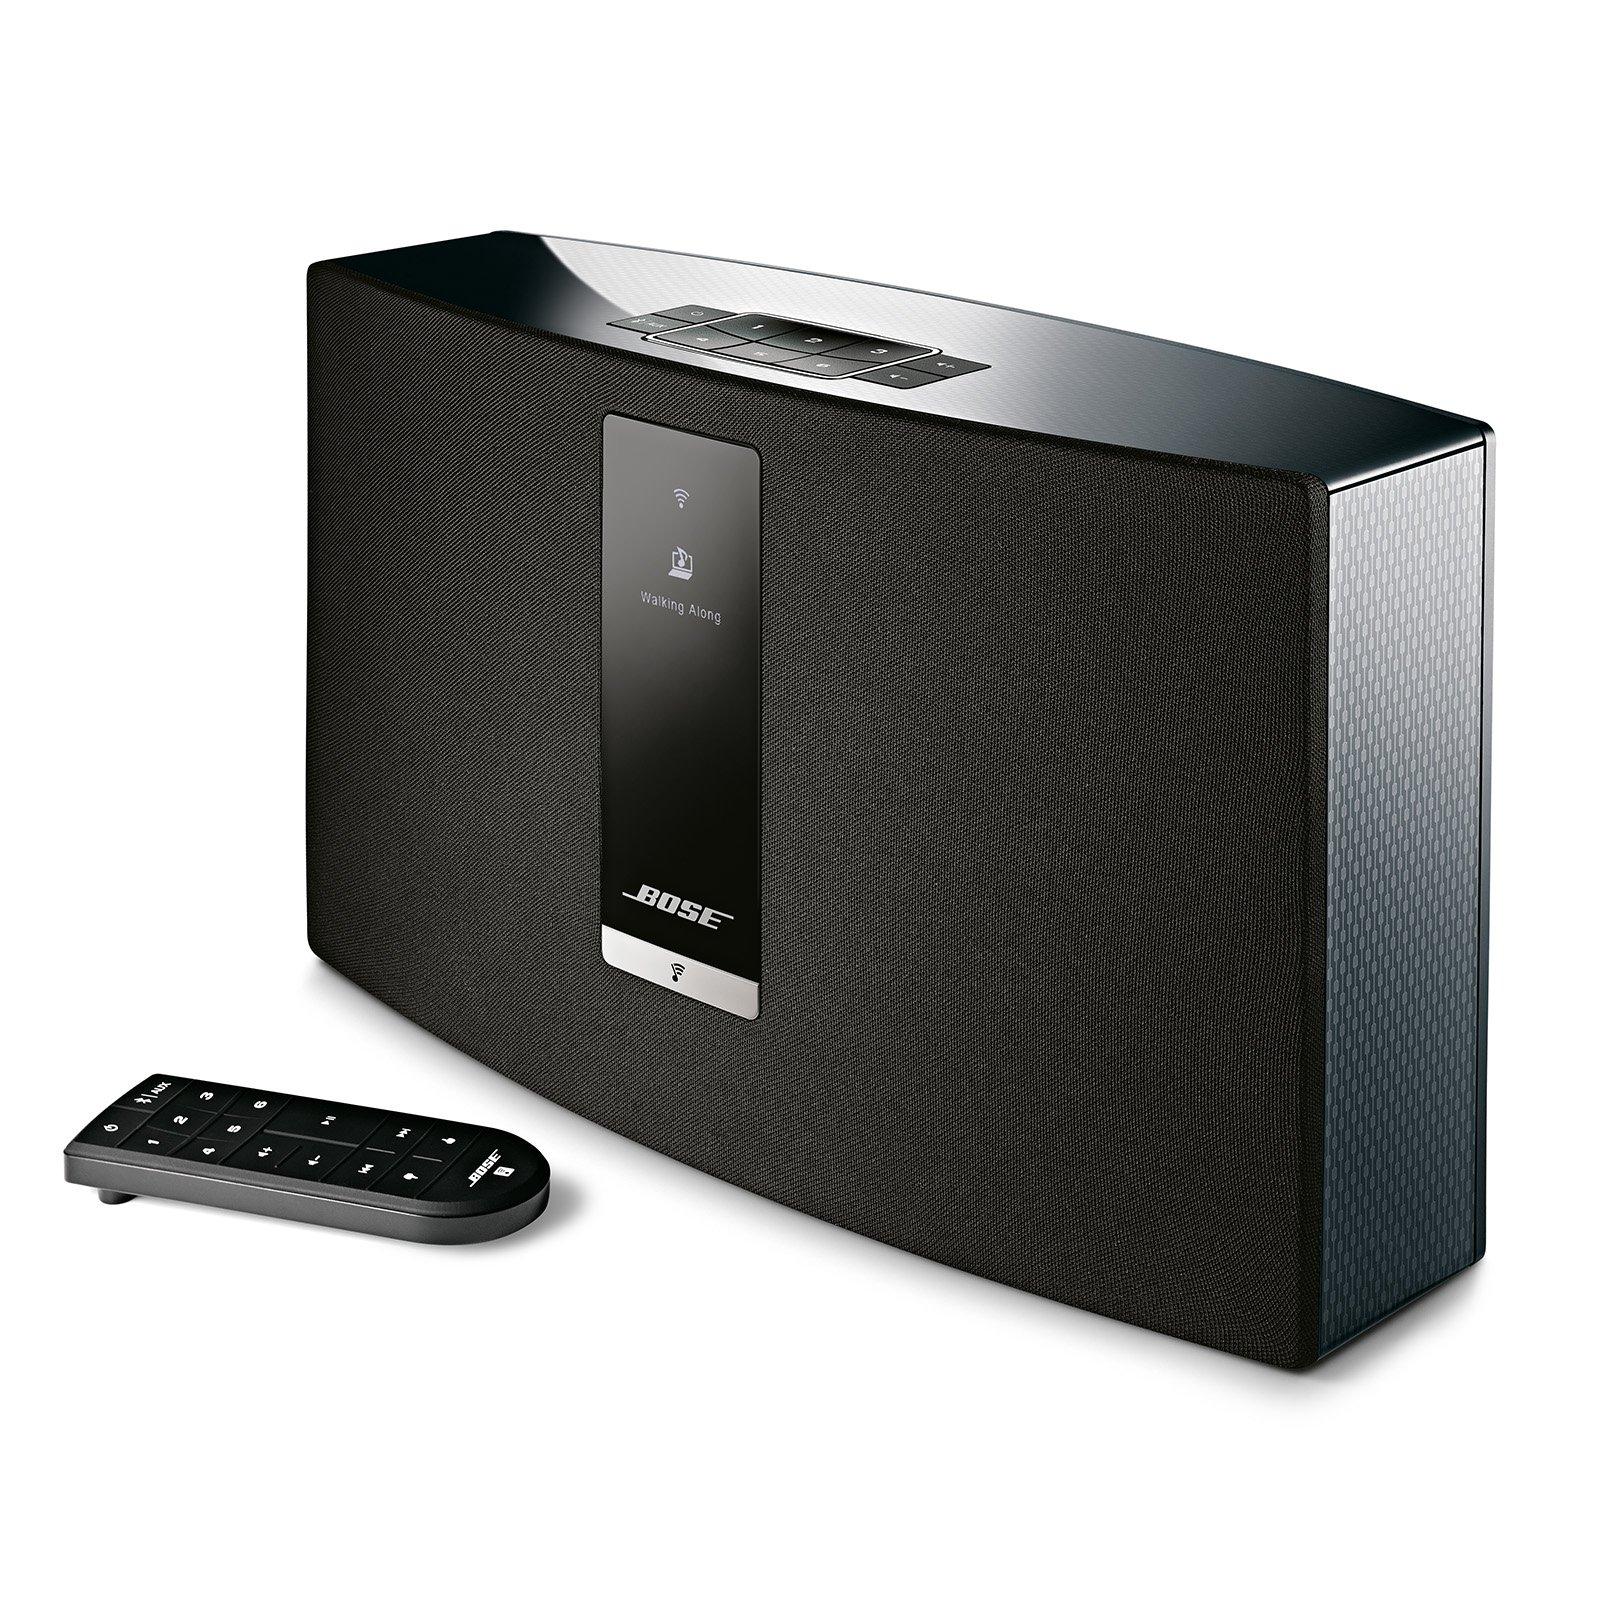 보스 사운드터치 20 블루투스 스피커 위드 알렉사 - 블랙 Bose SoundTouch 20 wireless speaker, works with Alexa, Black